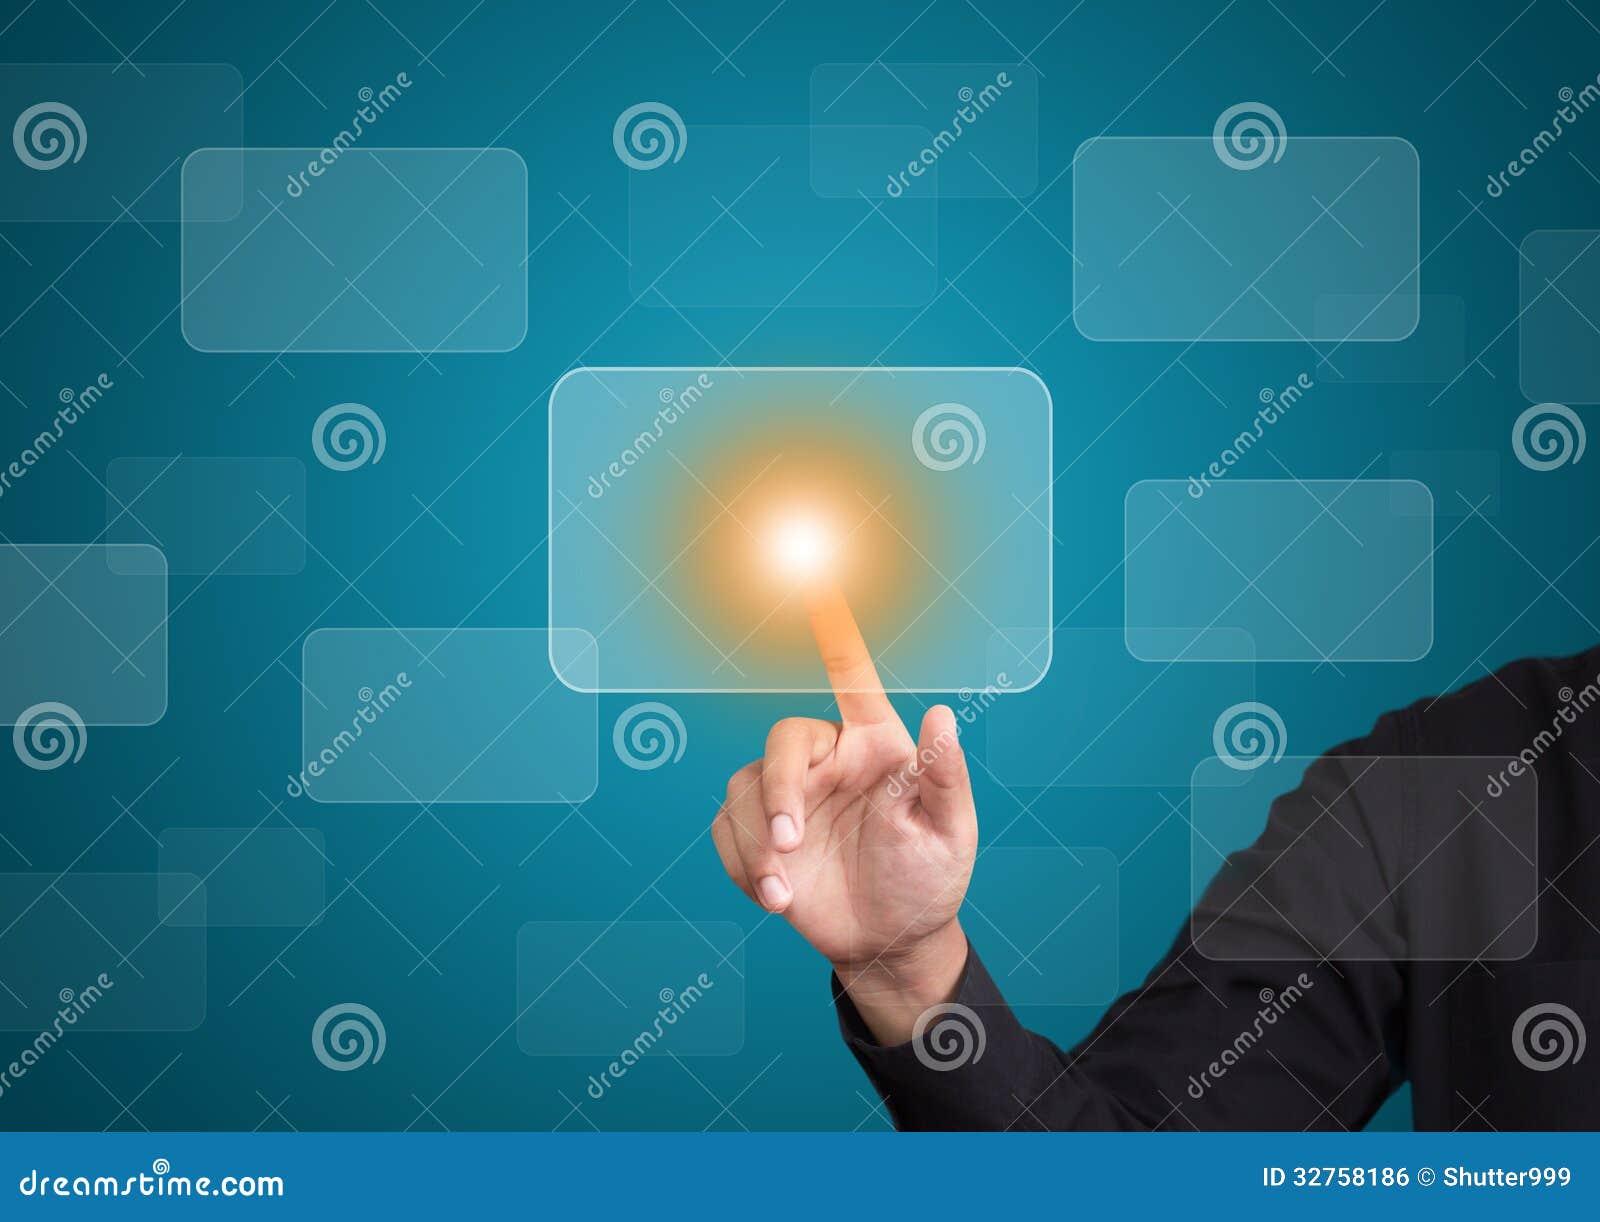 Рука нажимая на интерфейсе экрана касания